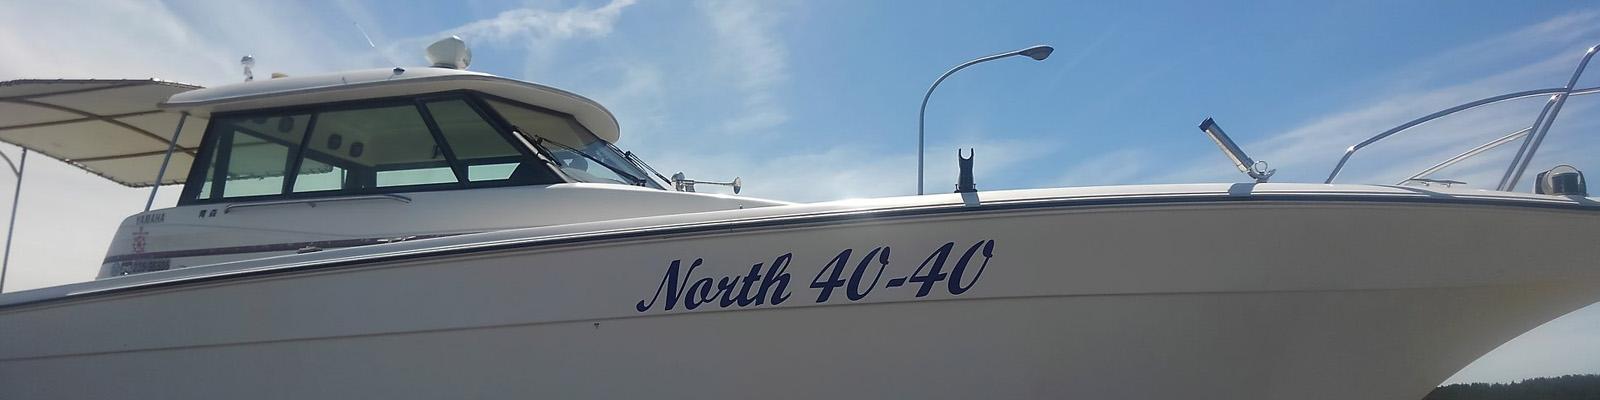 遊漁船 North40-40